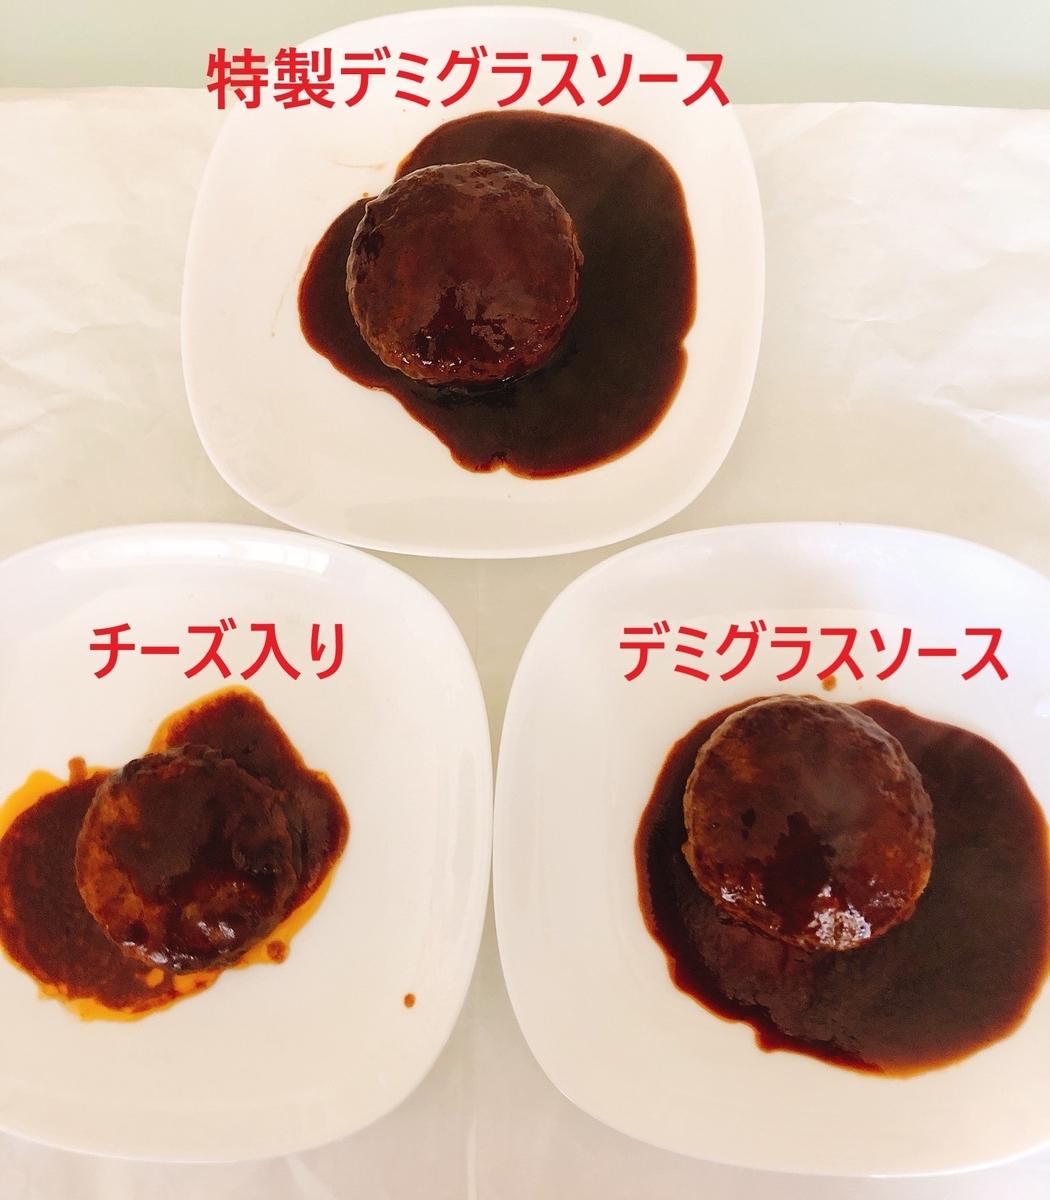 お母さん食堂のハンバーグ3種類を食べ比べるところ